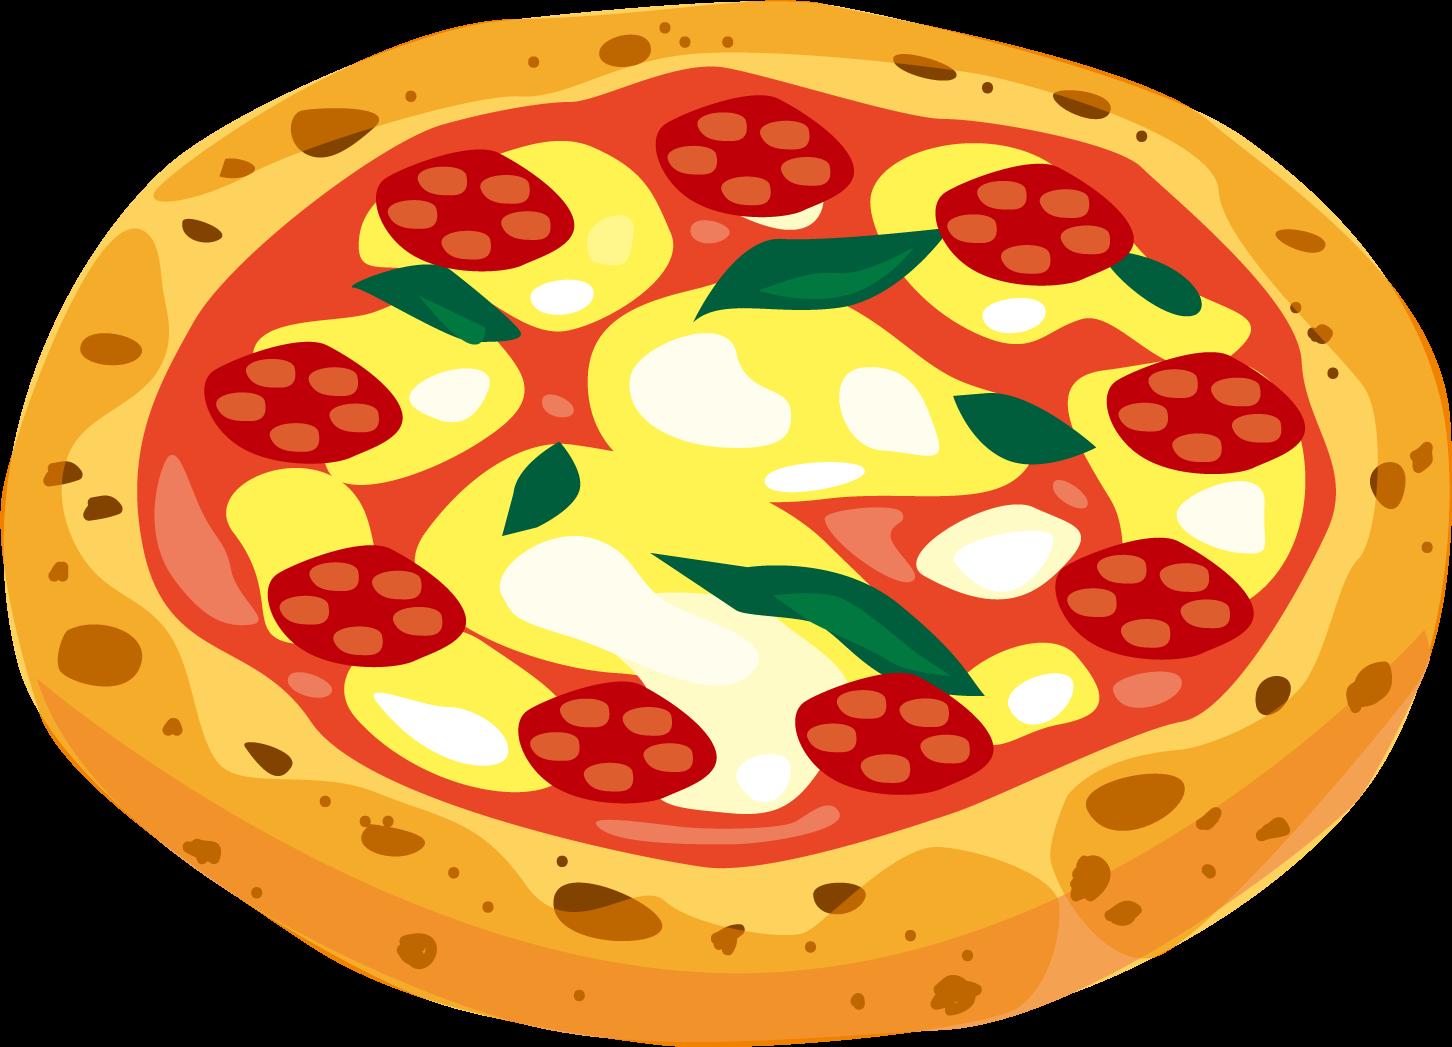 【リピーター続出のイタリアンバル】Bambino バンビーノ|自家製チーズとワインでおもてなし|絶品、那覇イタリアンが味わえる那覇イタリアンバルはバンビーノで決まり!沖縄県で那覇イタリアンを堪能!